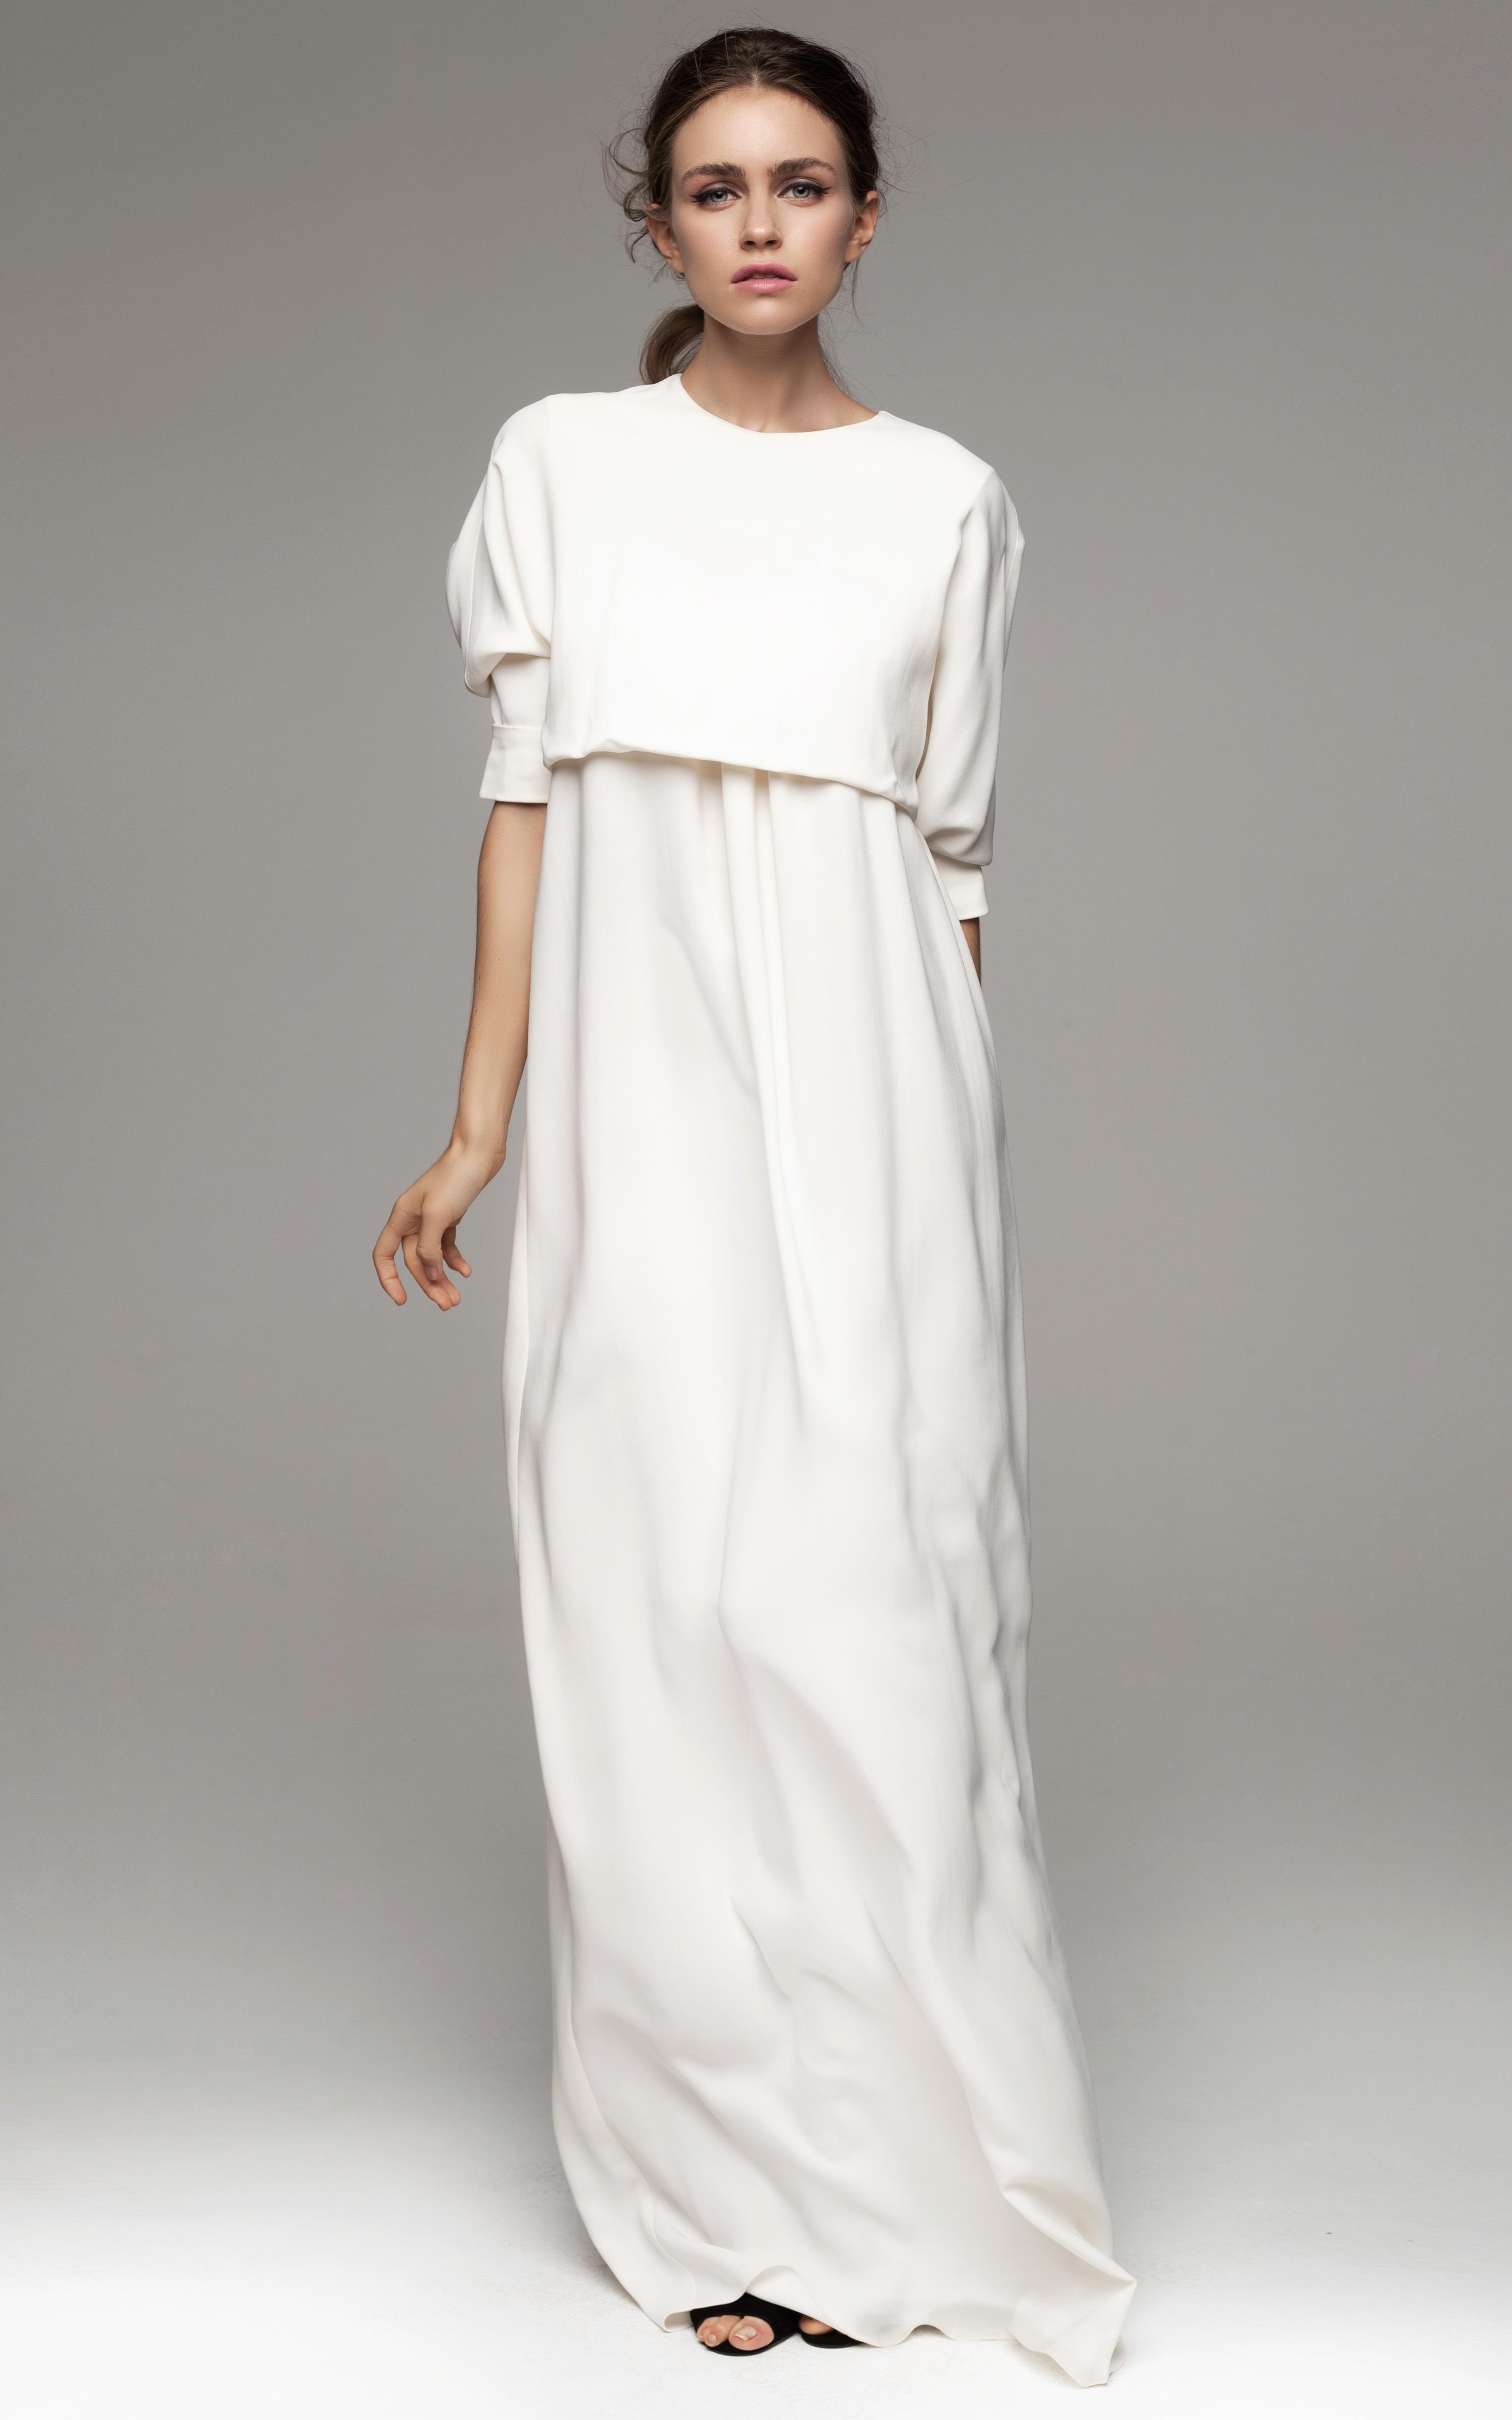 Kalmanovich Long Sleeved Floor Length White Dress In White | Lyst